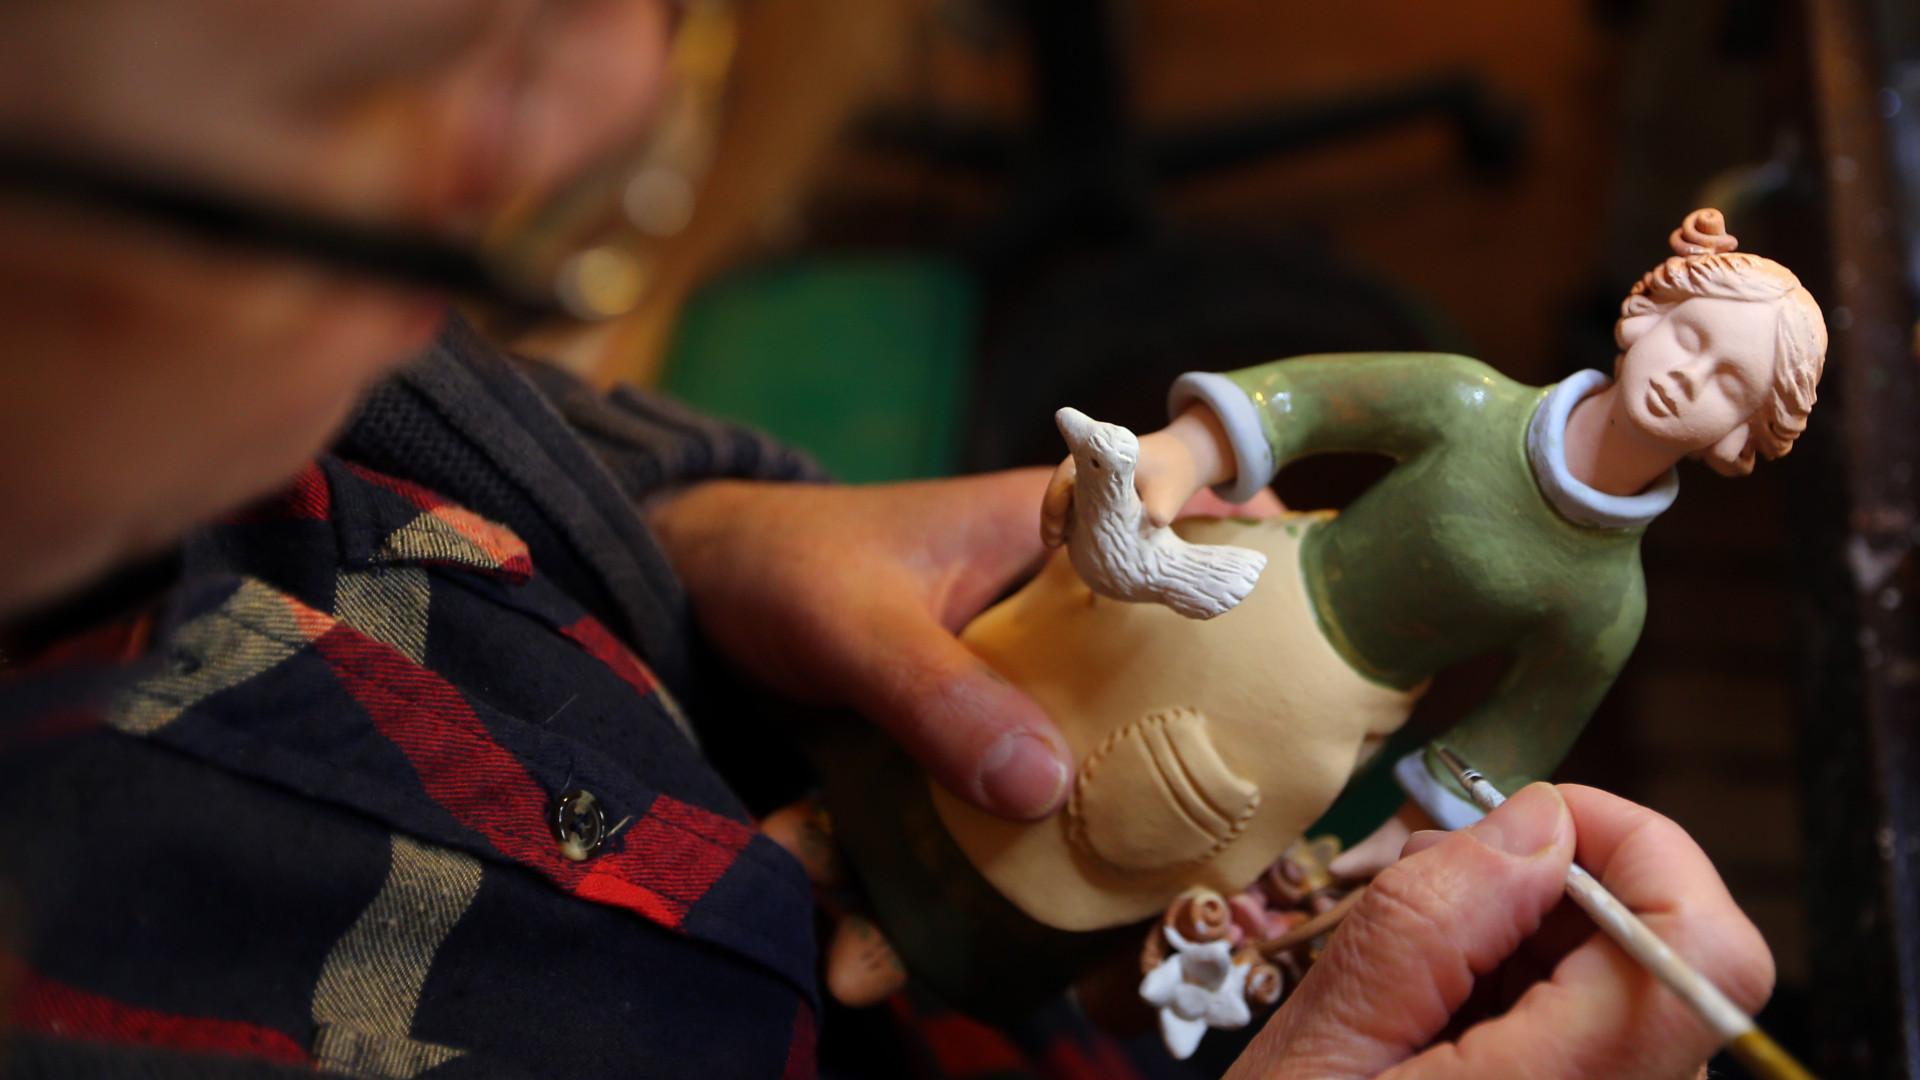 UNESCO declara 'Bonecos de Estremoz' como Património Cultural Imaterial